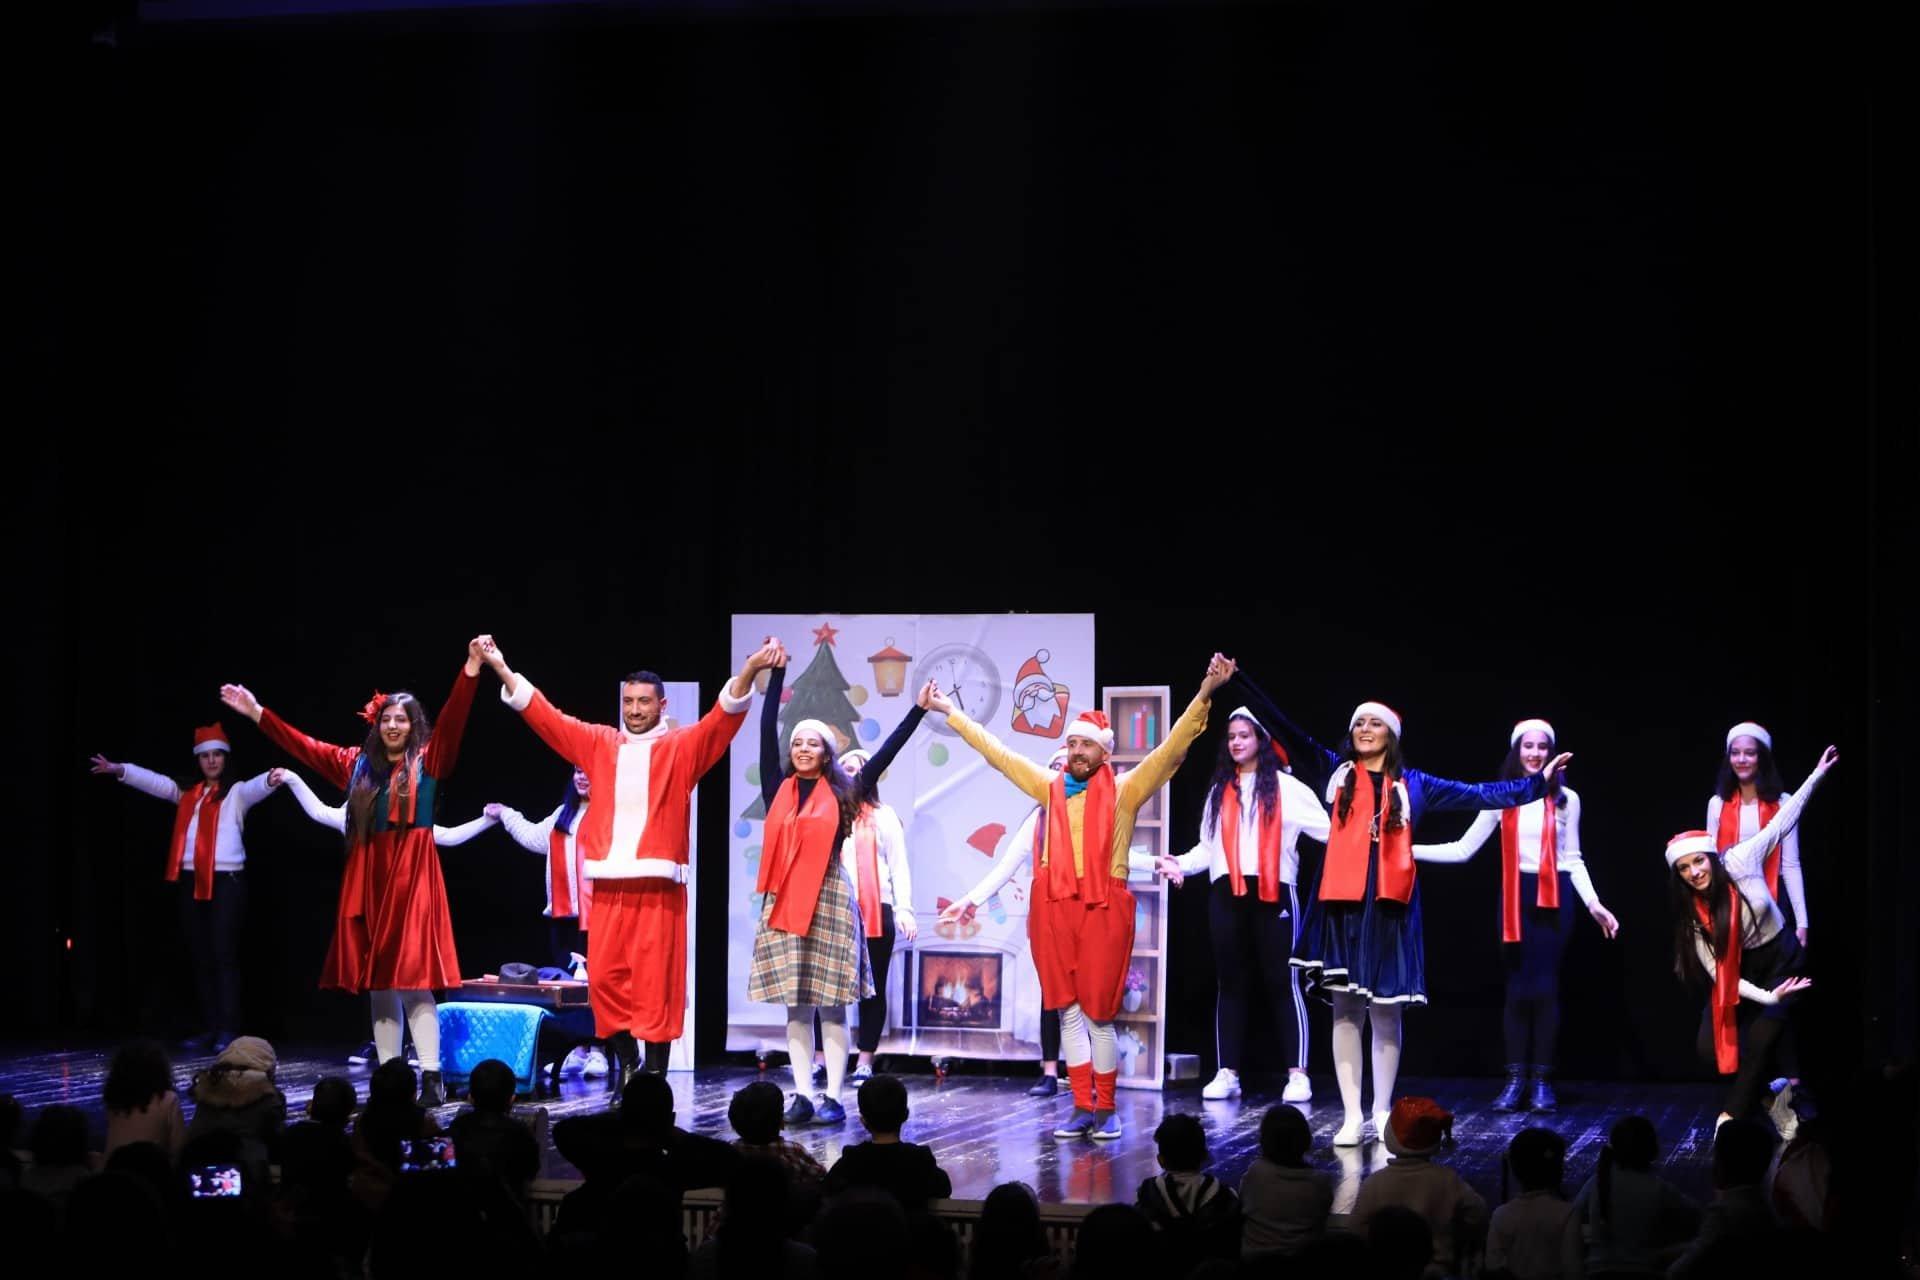 افتتاح فعاليات مهرجان شو نعمل في عيد الميلاد في مدينة بيت لحم